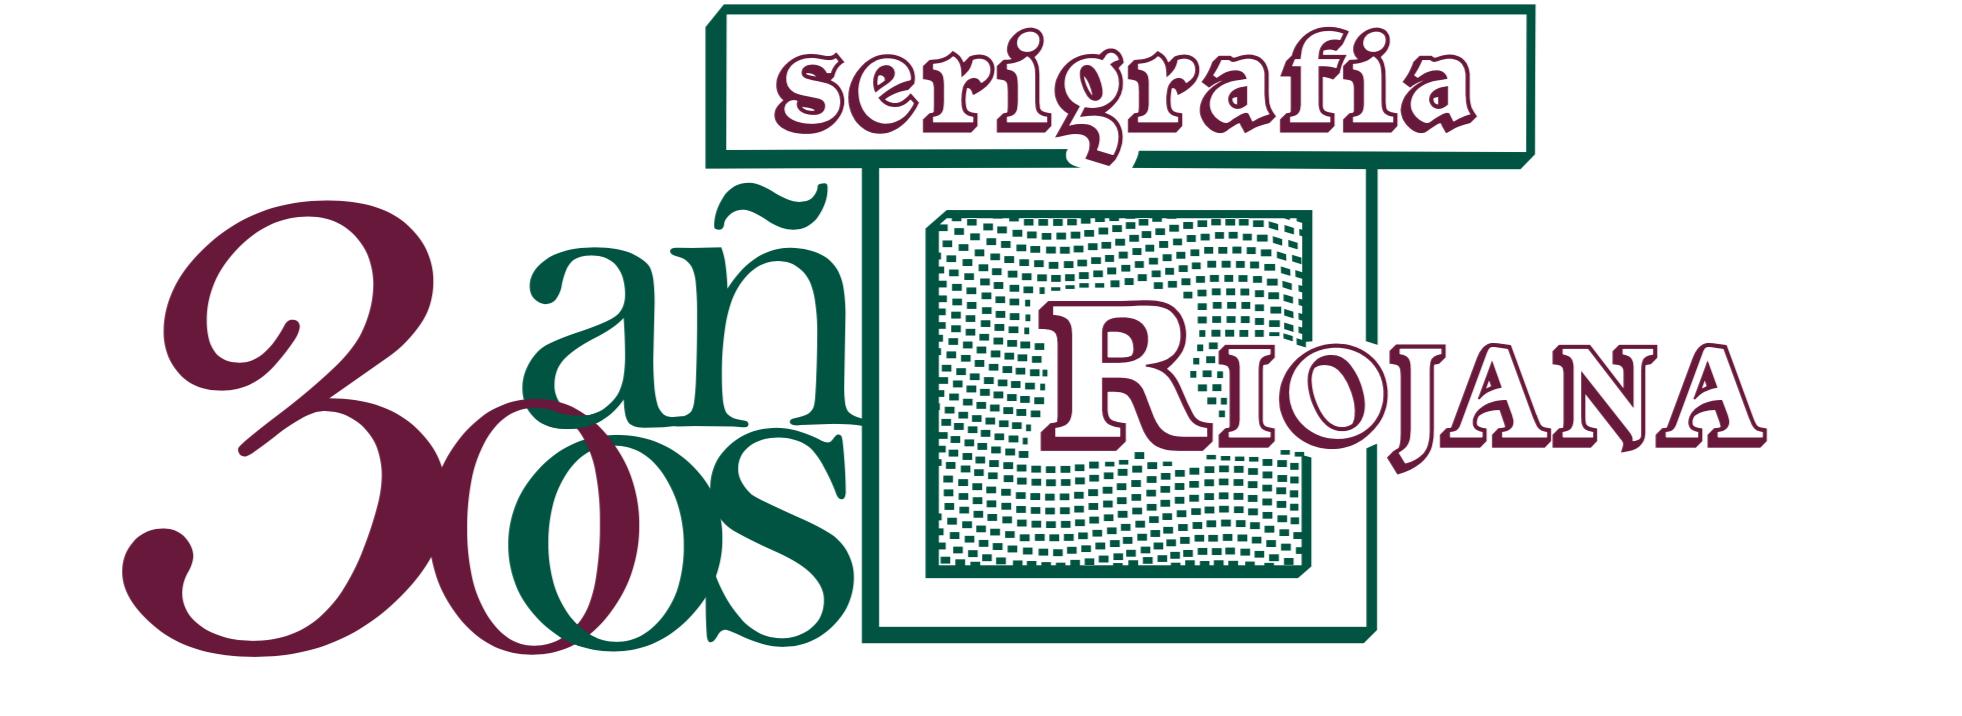 Serigrafía Riojana